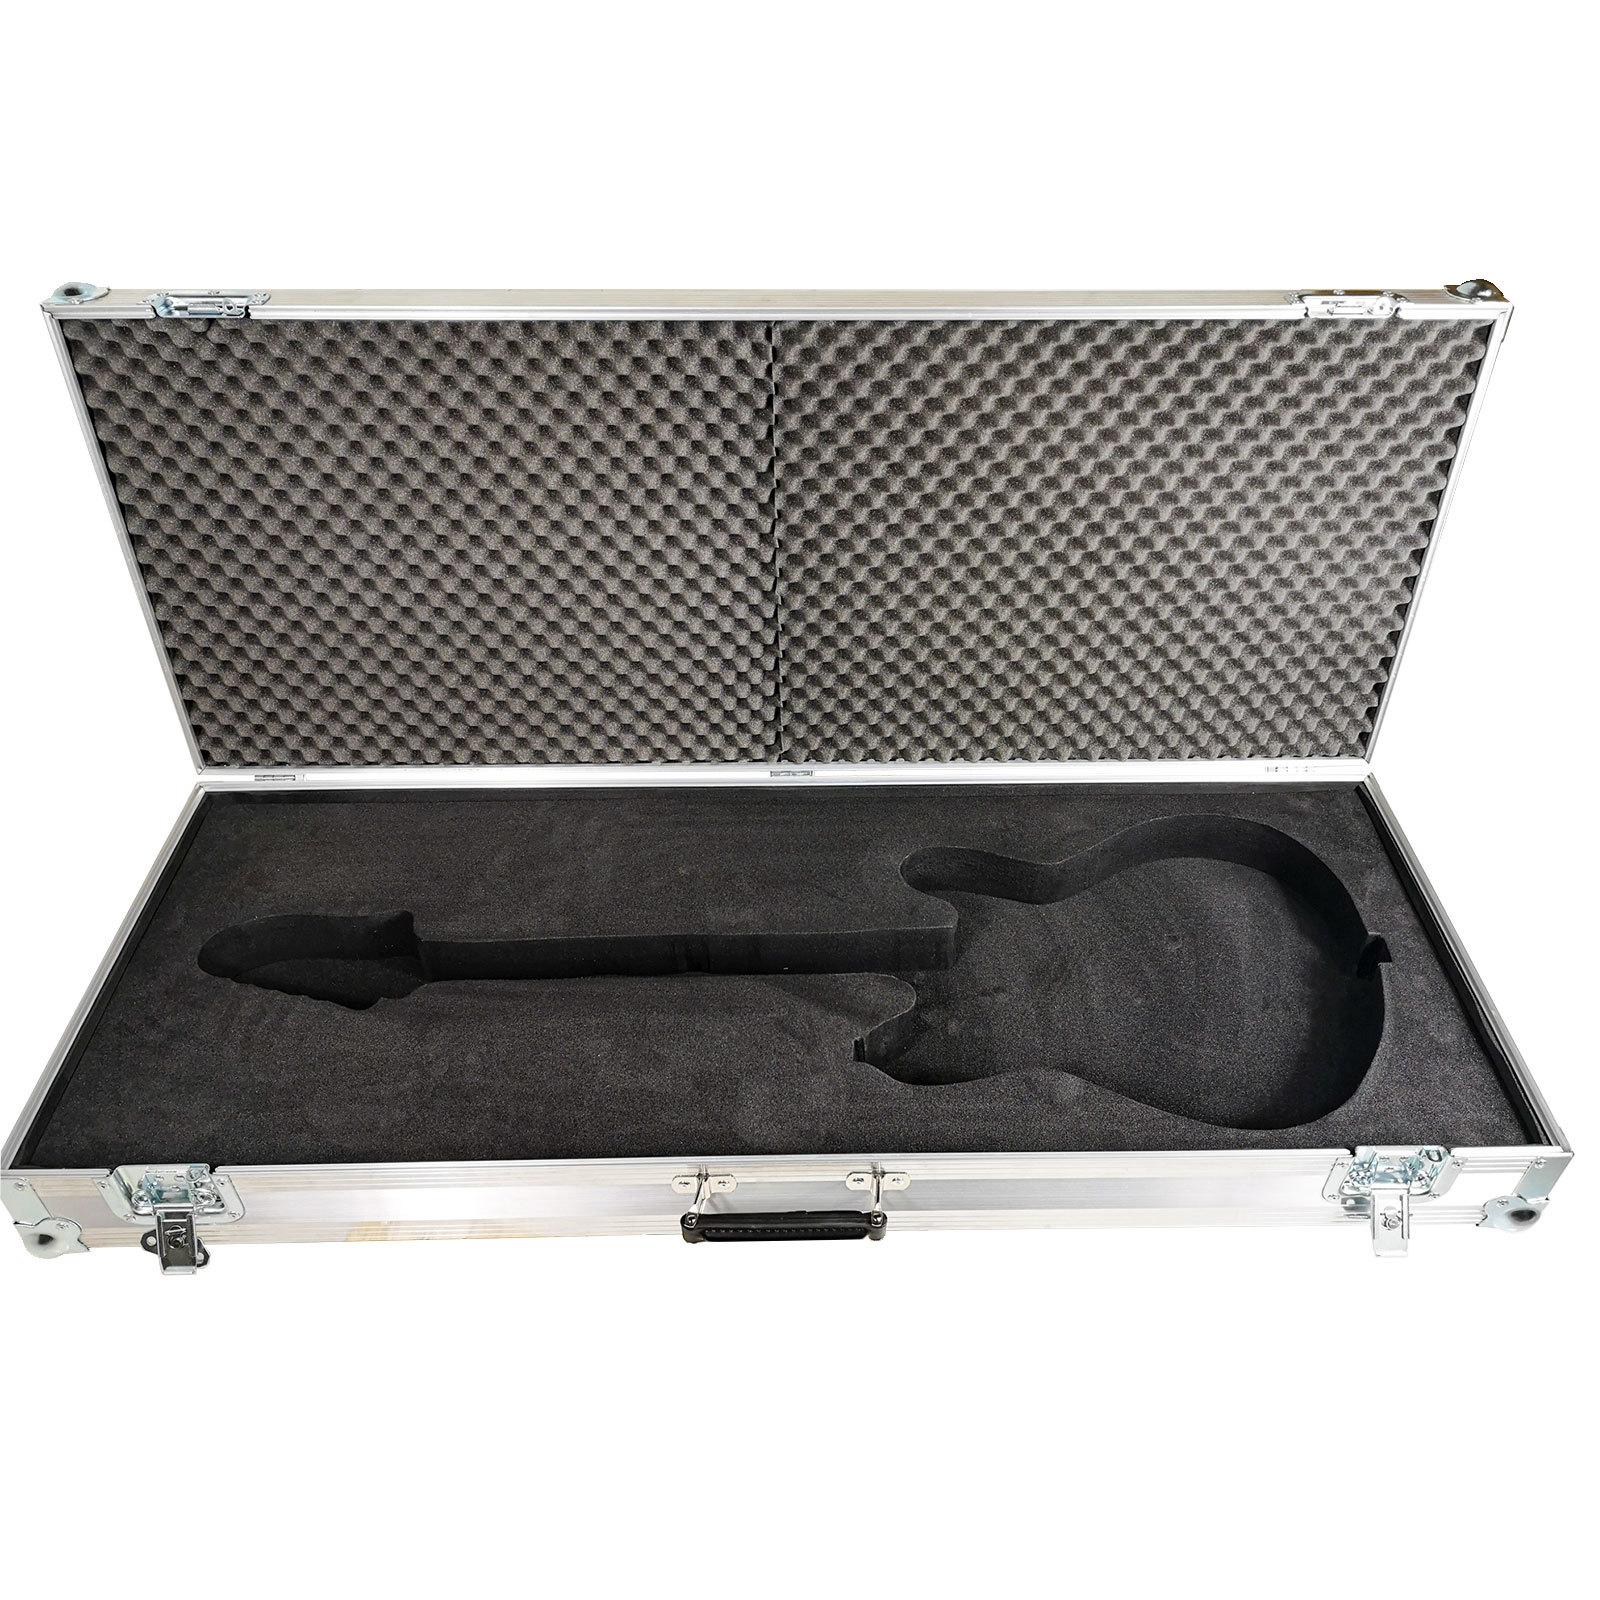 fender starcaster electric guitar hard case flight case. Black Bedroom Furniture Sets. Home Design Ideas